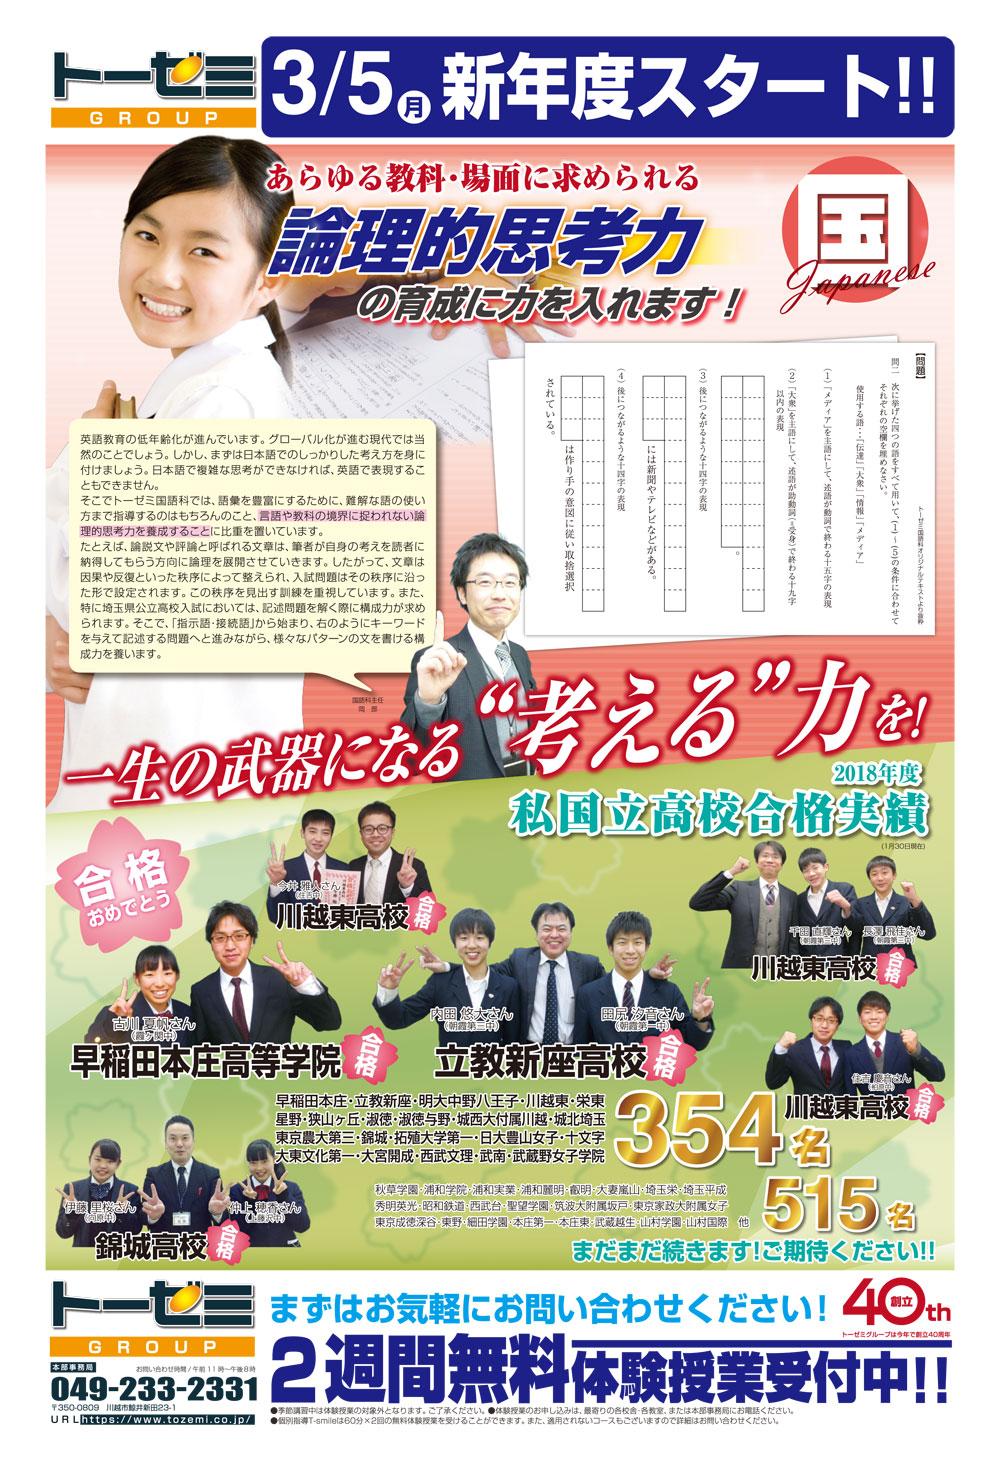 新聞折込チラシ(トーゼミグループ 2018年度私国立高校合格速報!)